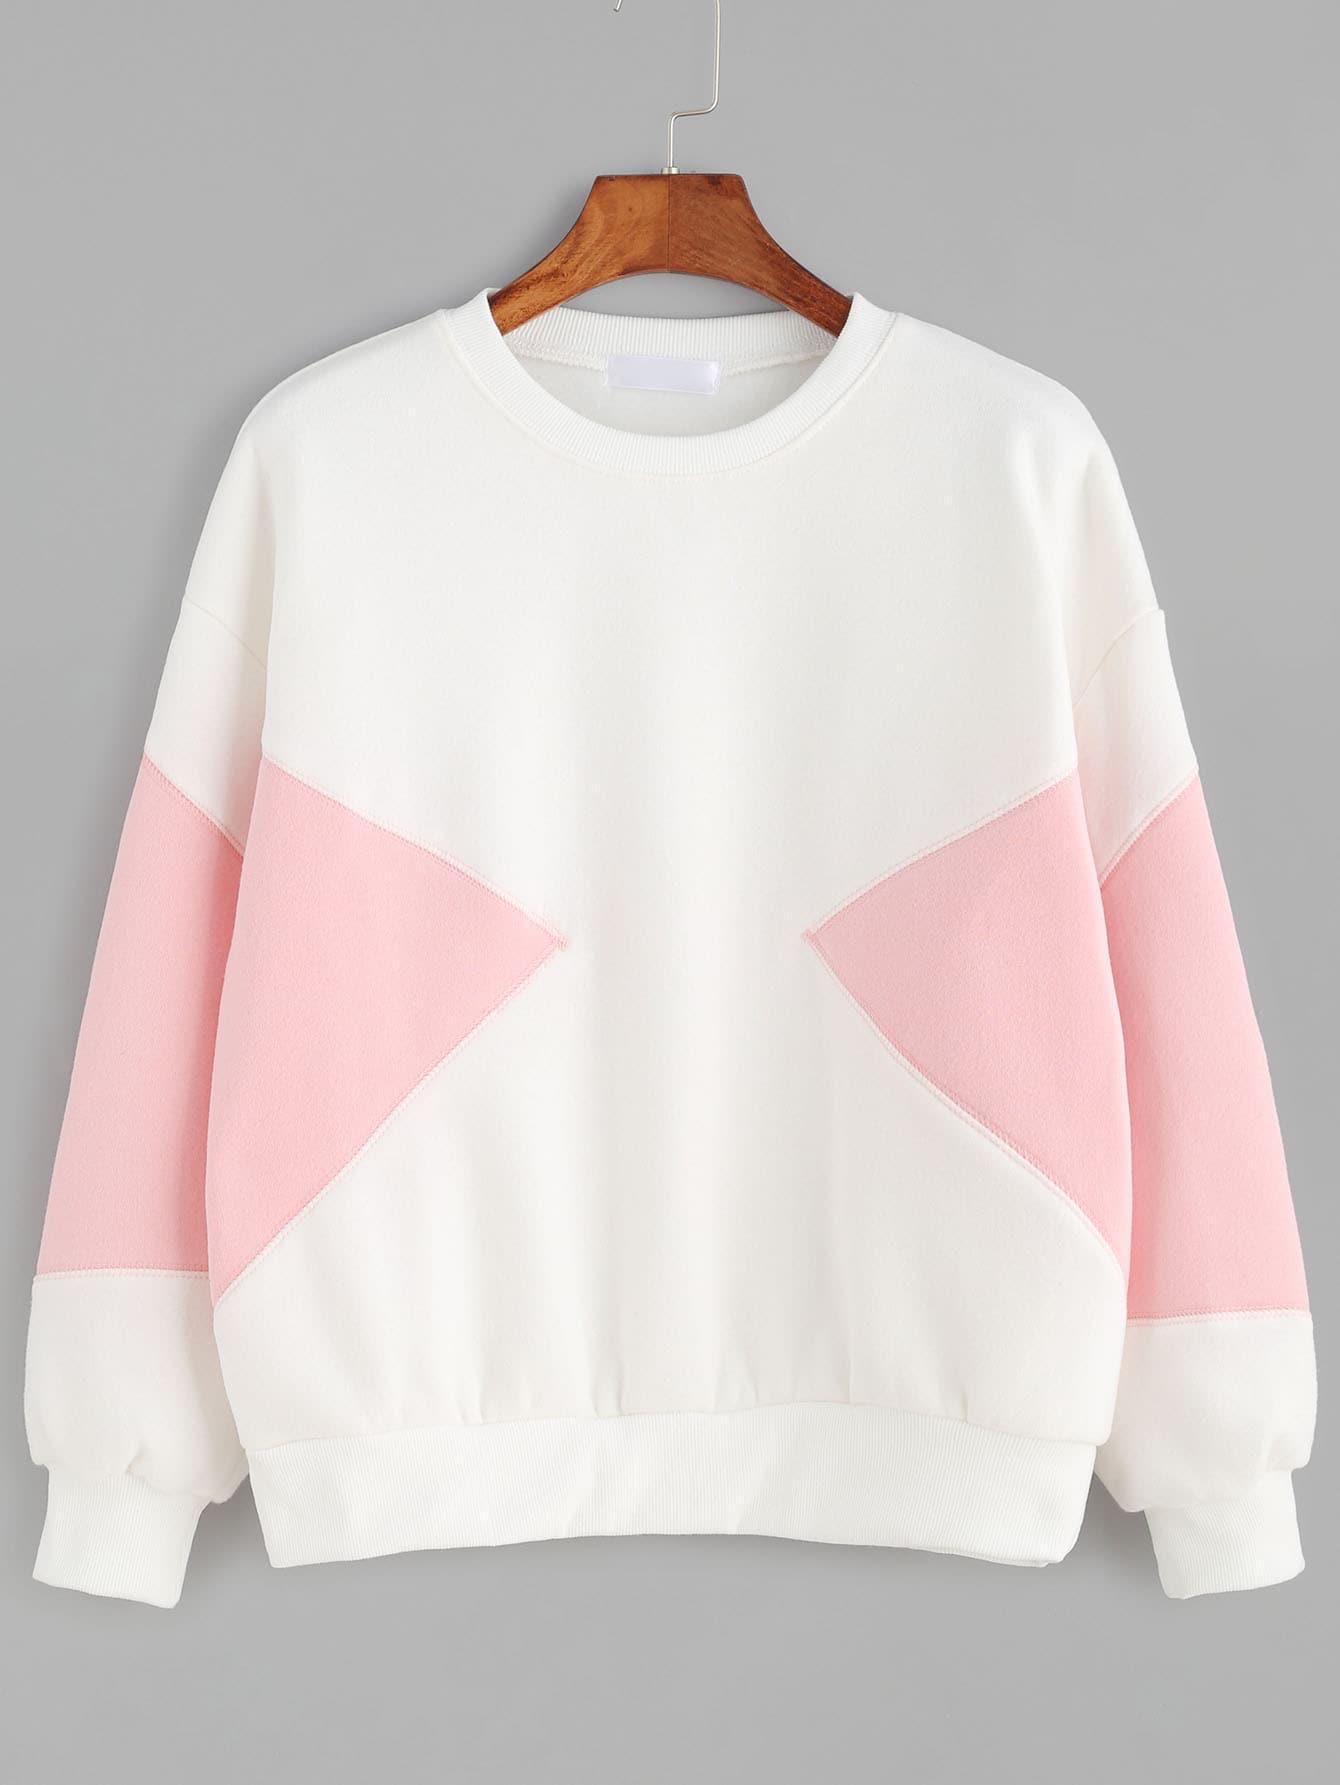 sweatshirt161025001_2